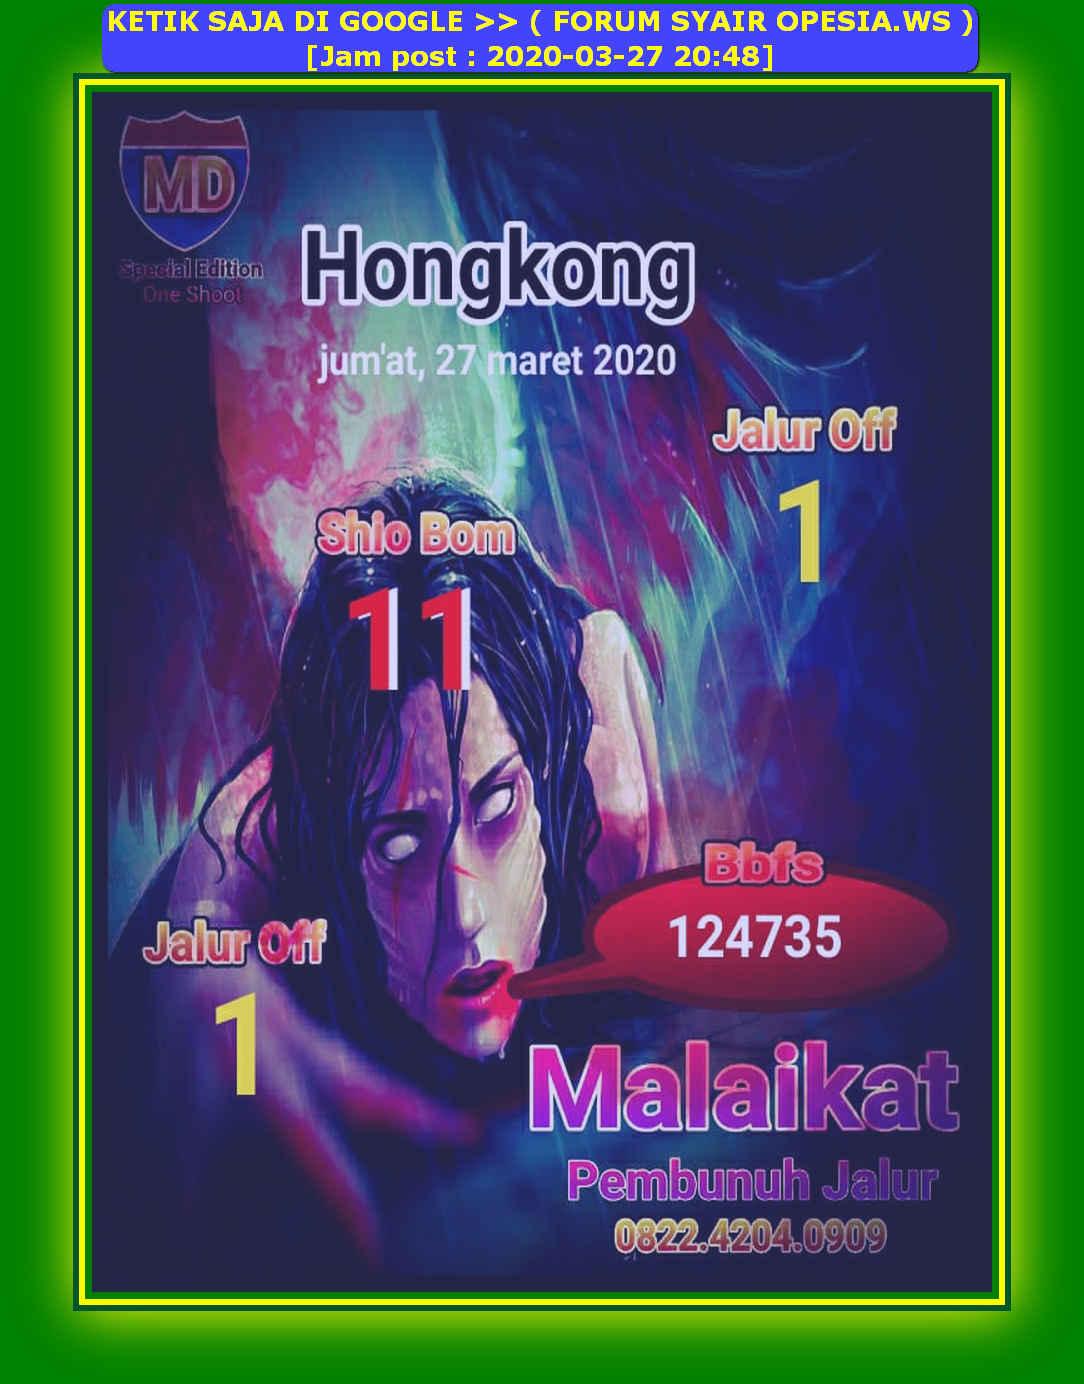 Kode syair Hongkong Jumat 27 Maret 2020 20